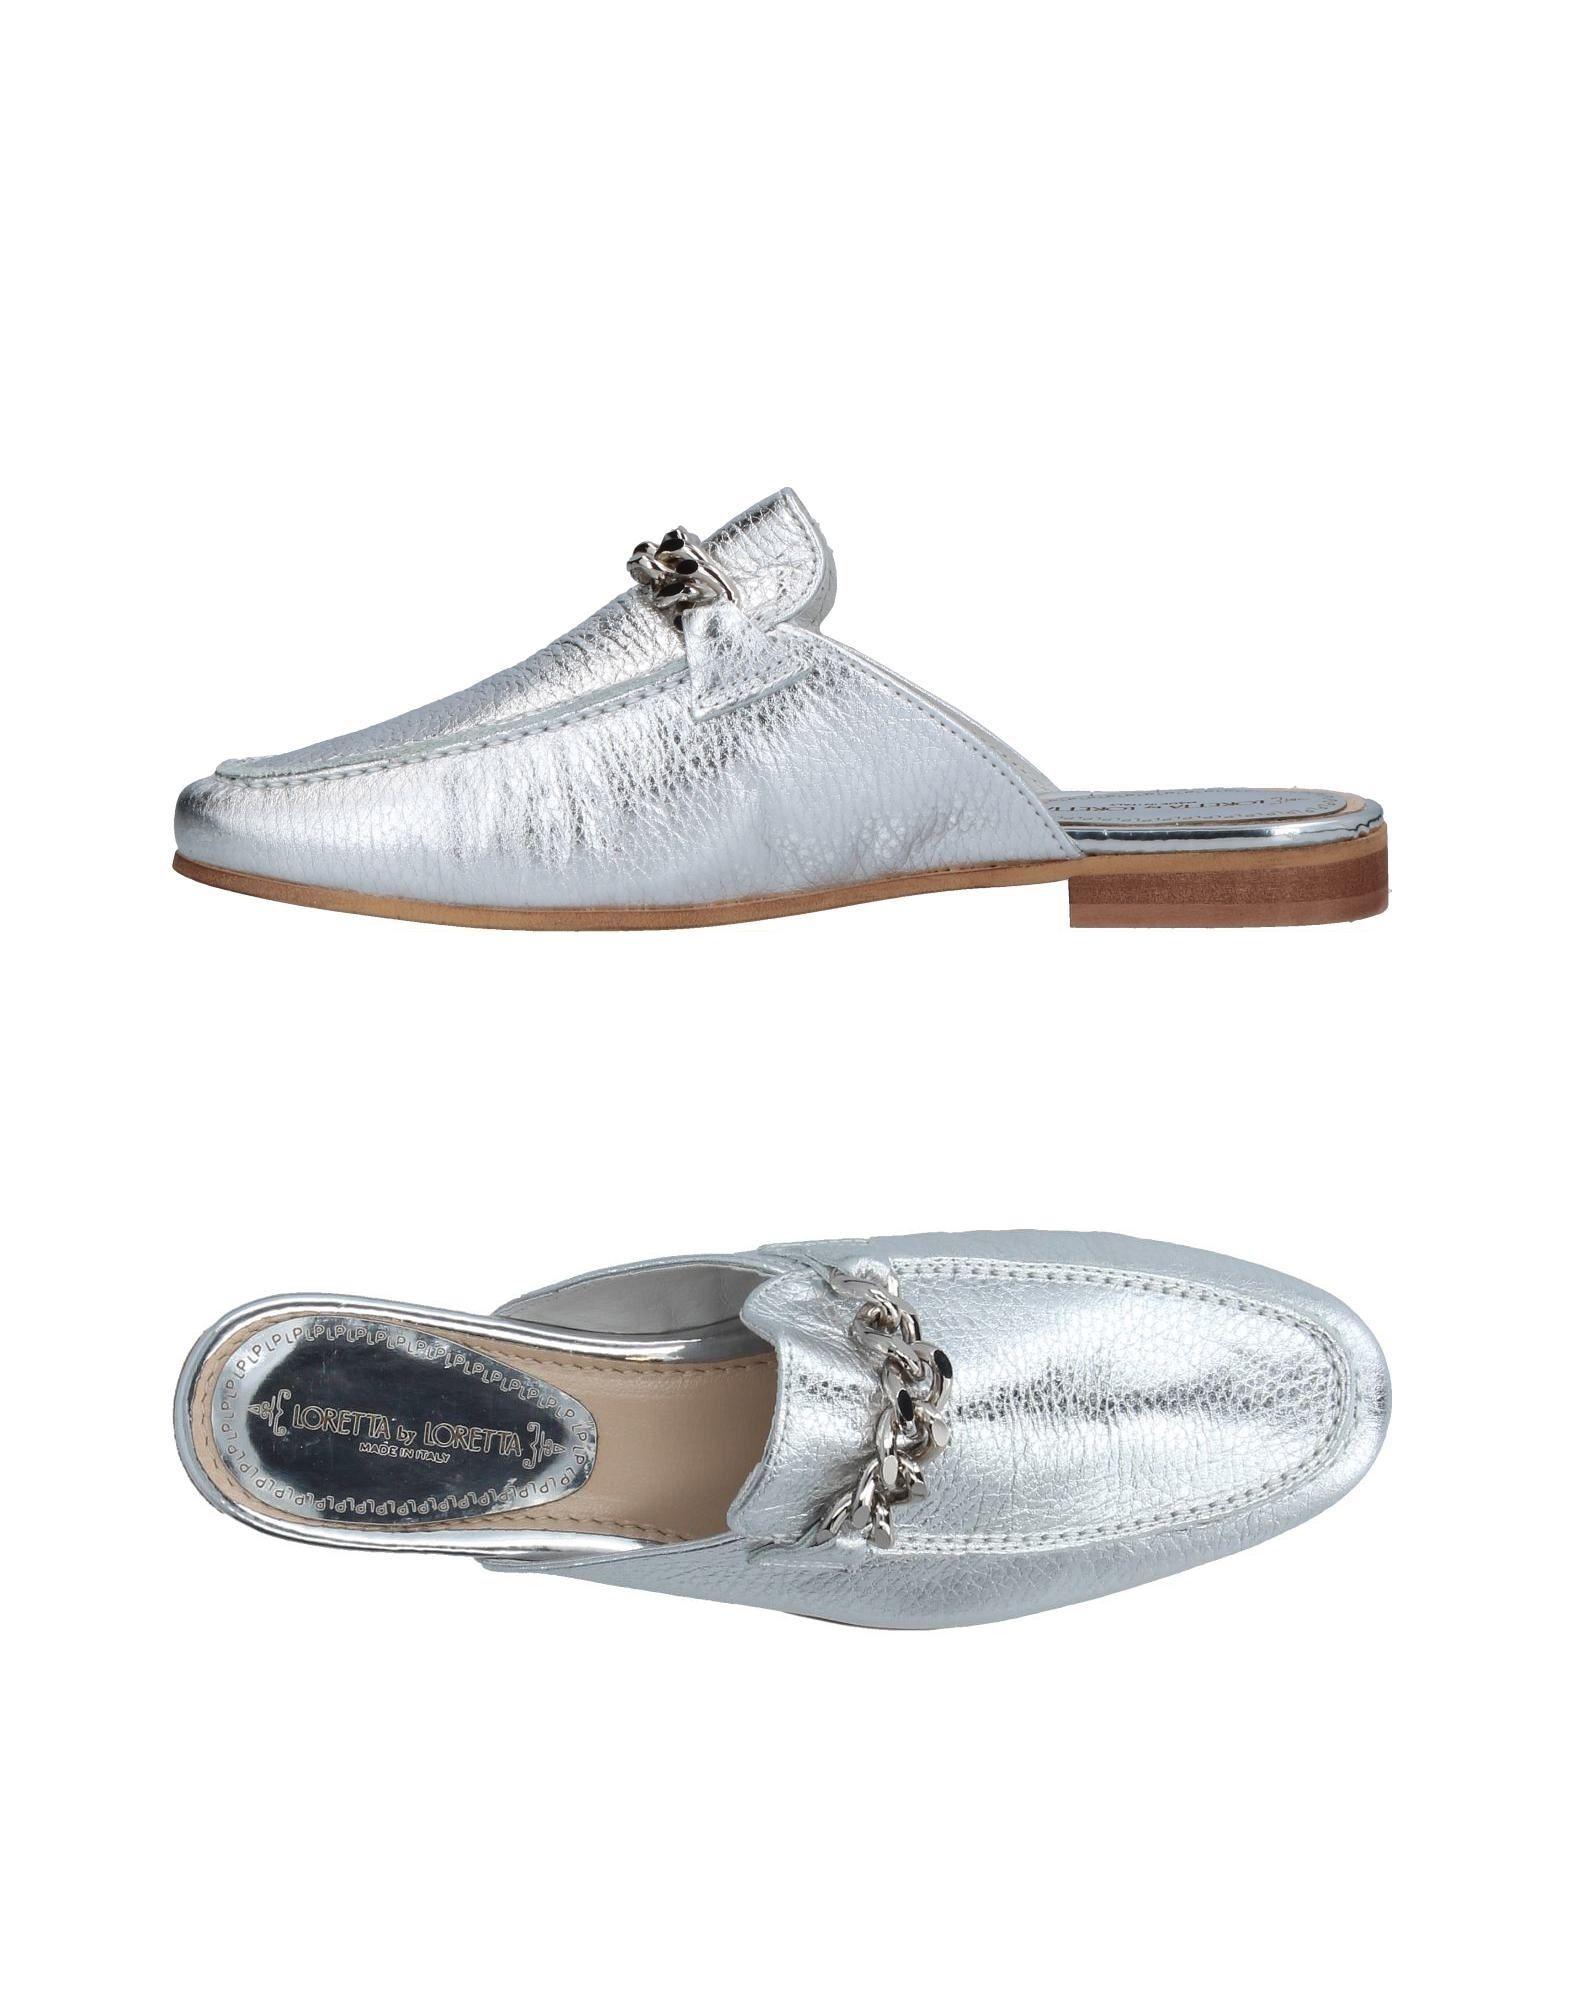 Loretta By Loretta Pantoletten Damen  11373996ED Gute Qualität beliebte Schuhe